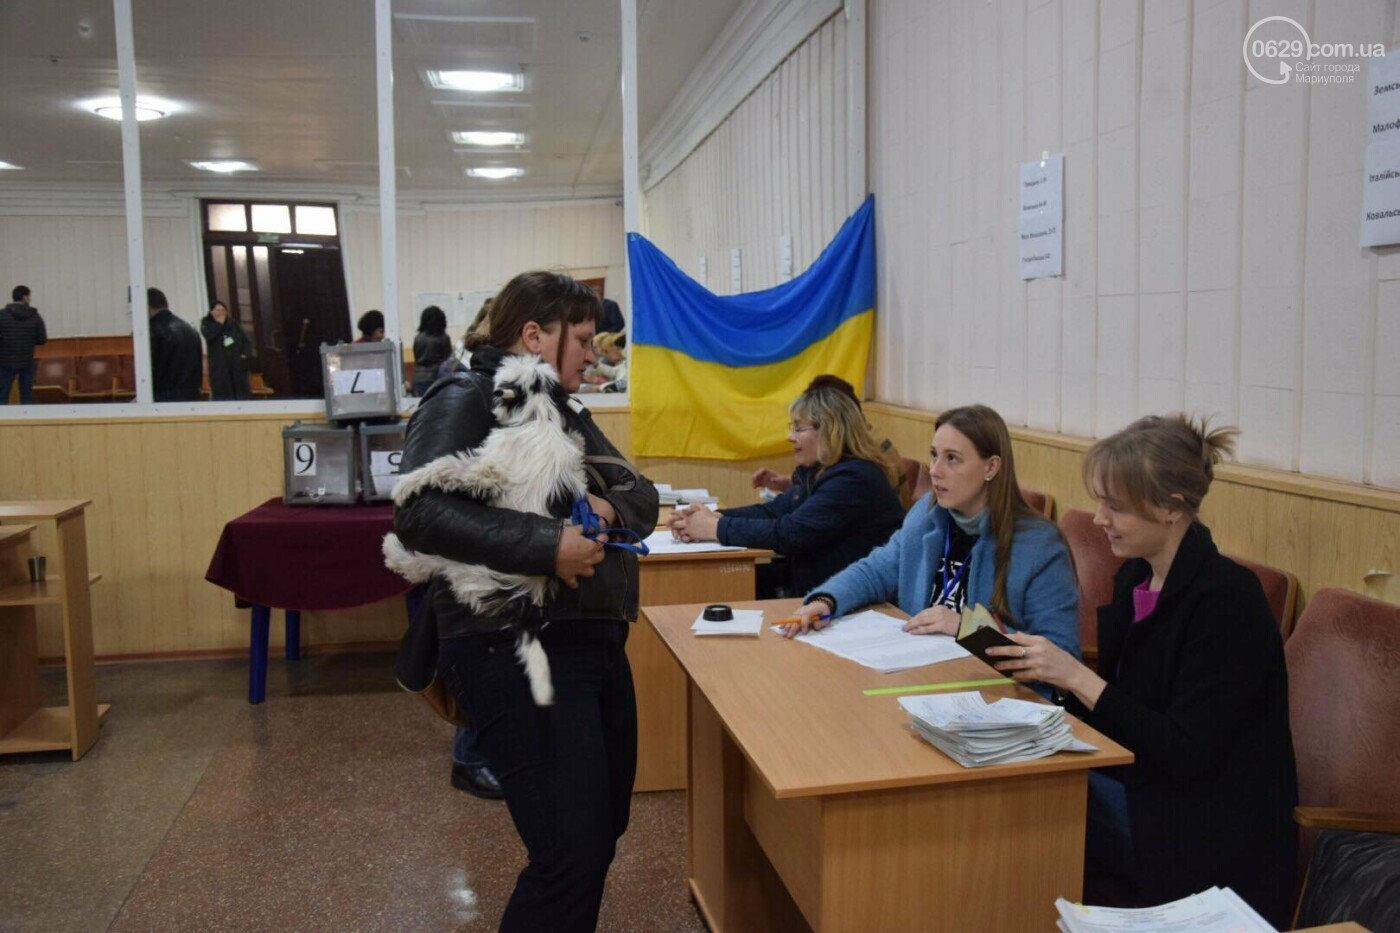 Мариупольцы выбирают Президента в компании животных, - ФОТО, ВИДЕО, фото-2